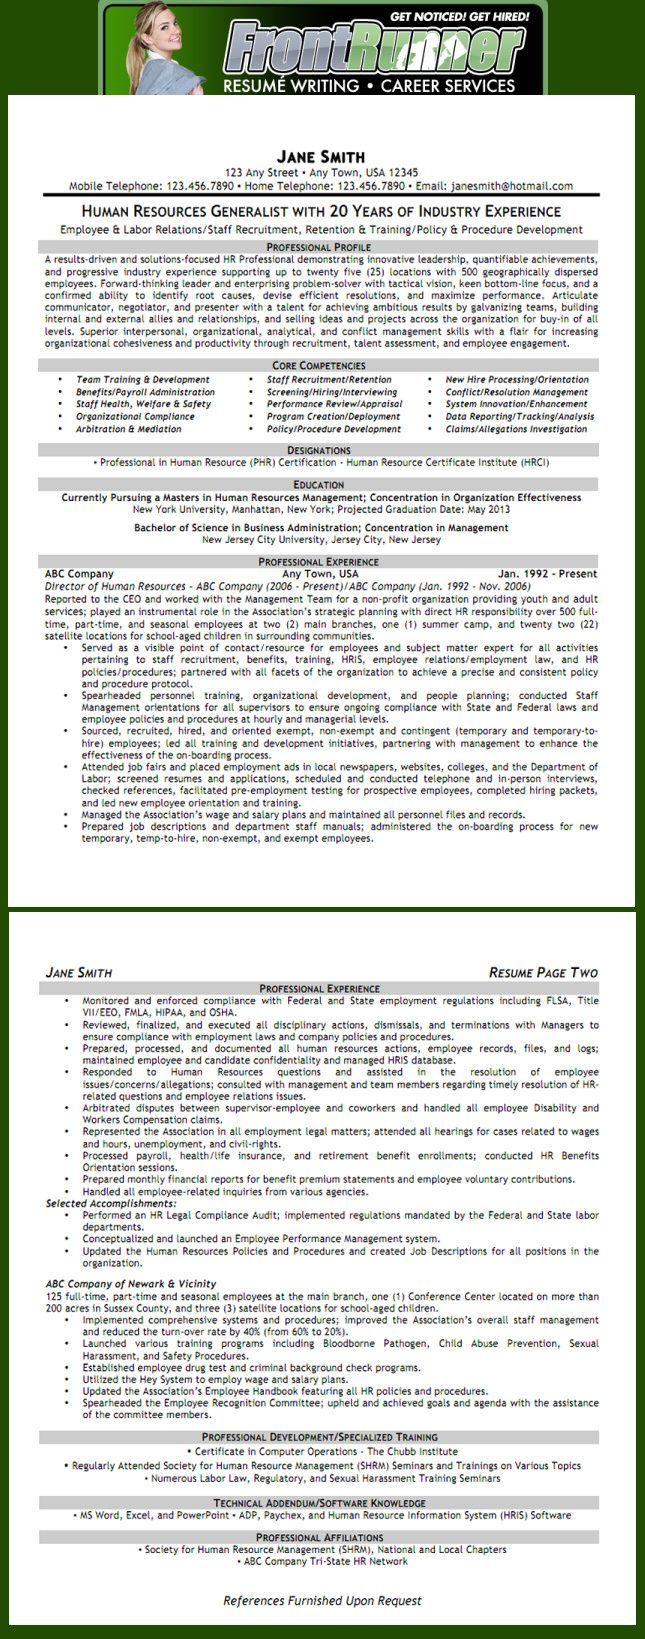 Resume - Human Resources Generalist